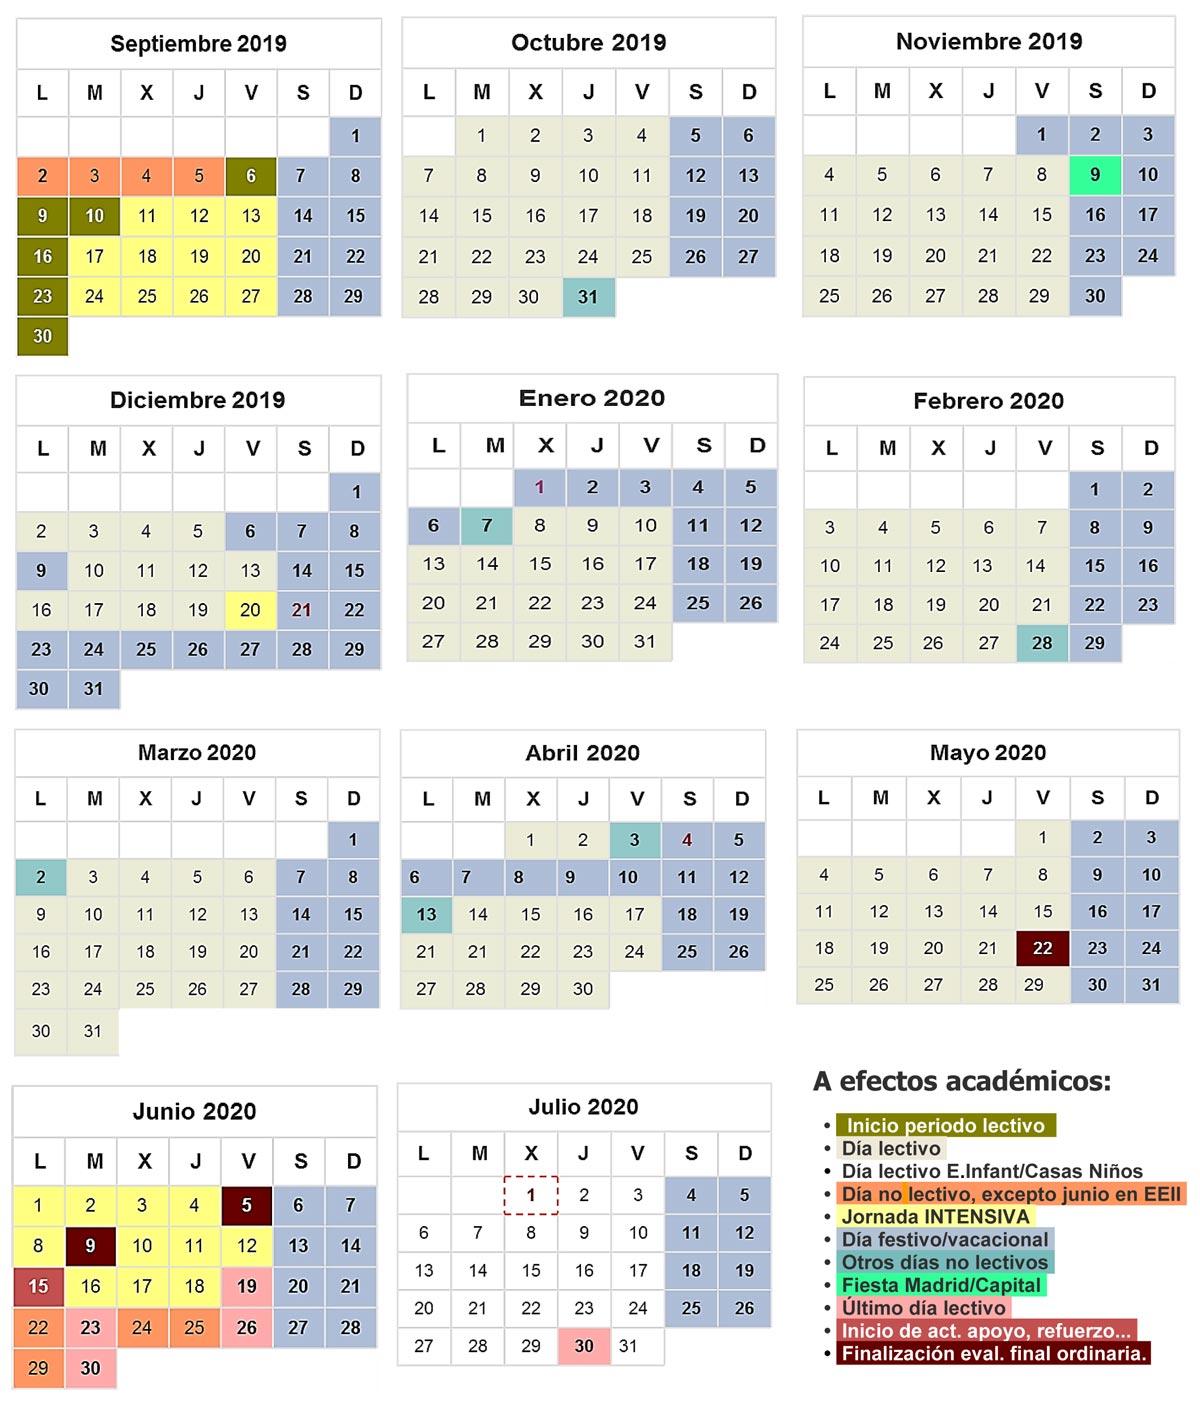 Calendario Escolar Valladolid.Calendario Escolar Colegio Lourdes Fuhem